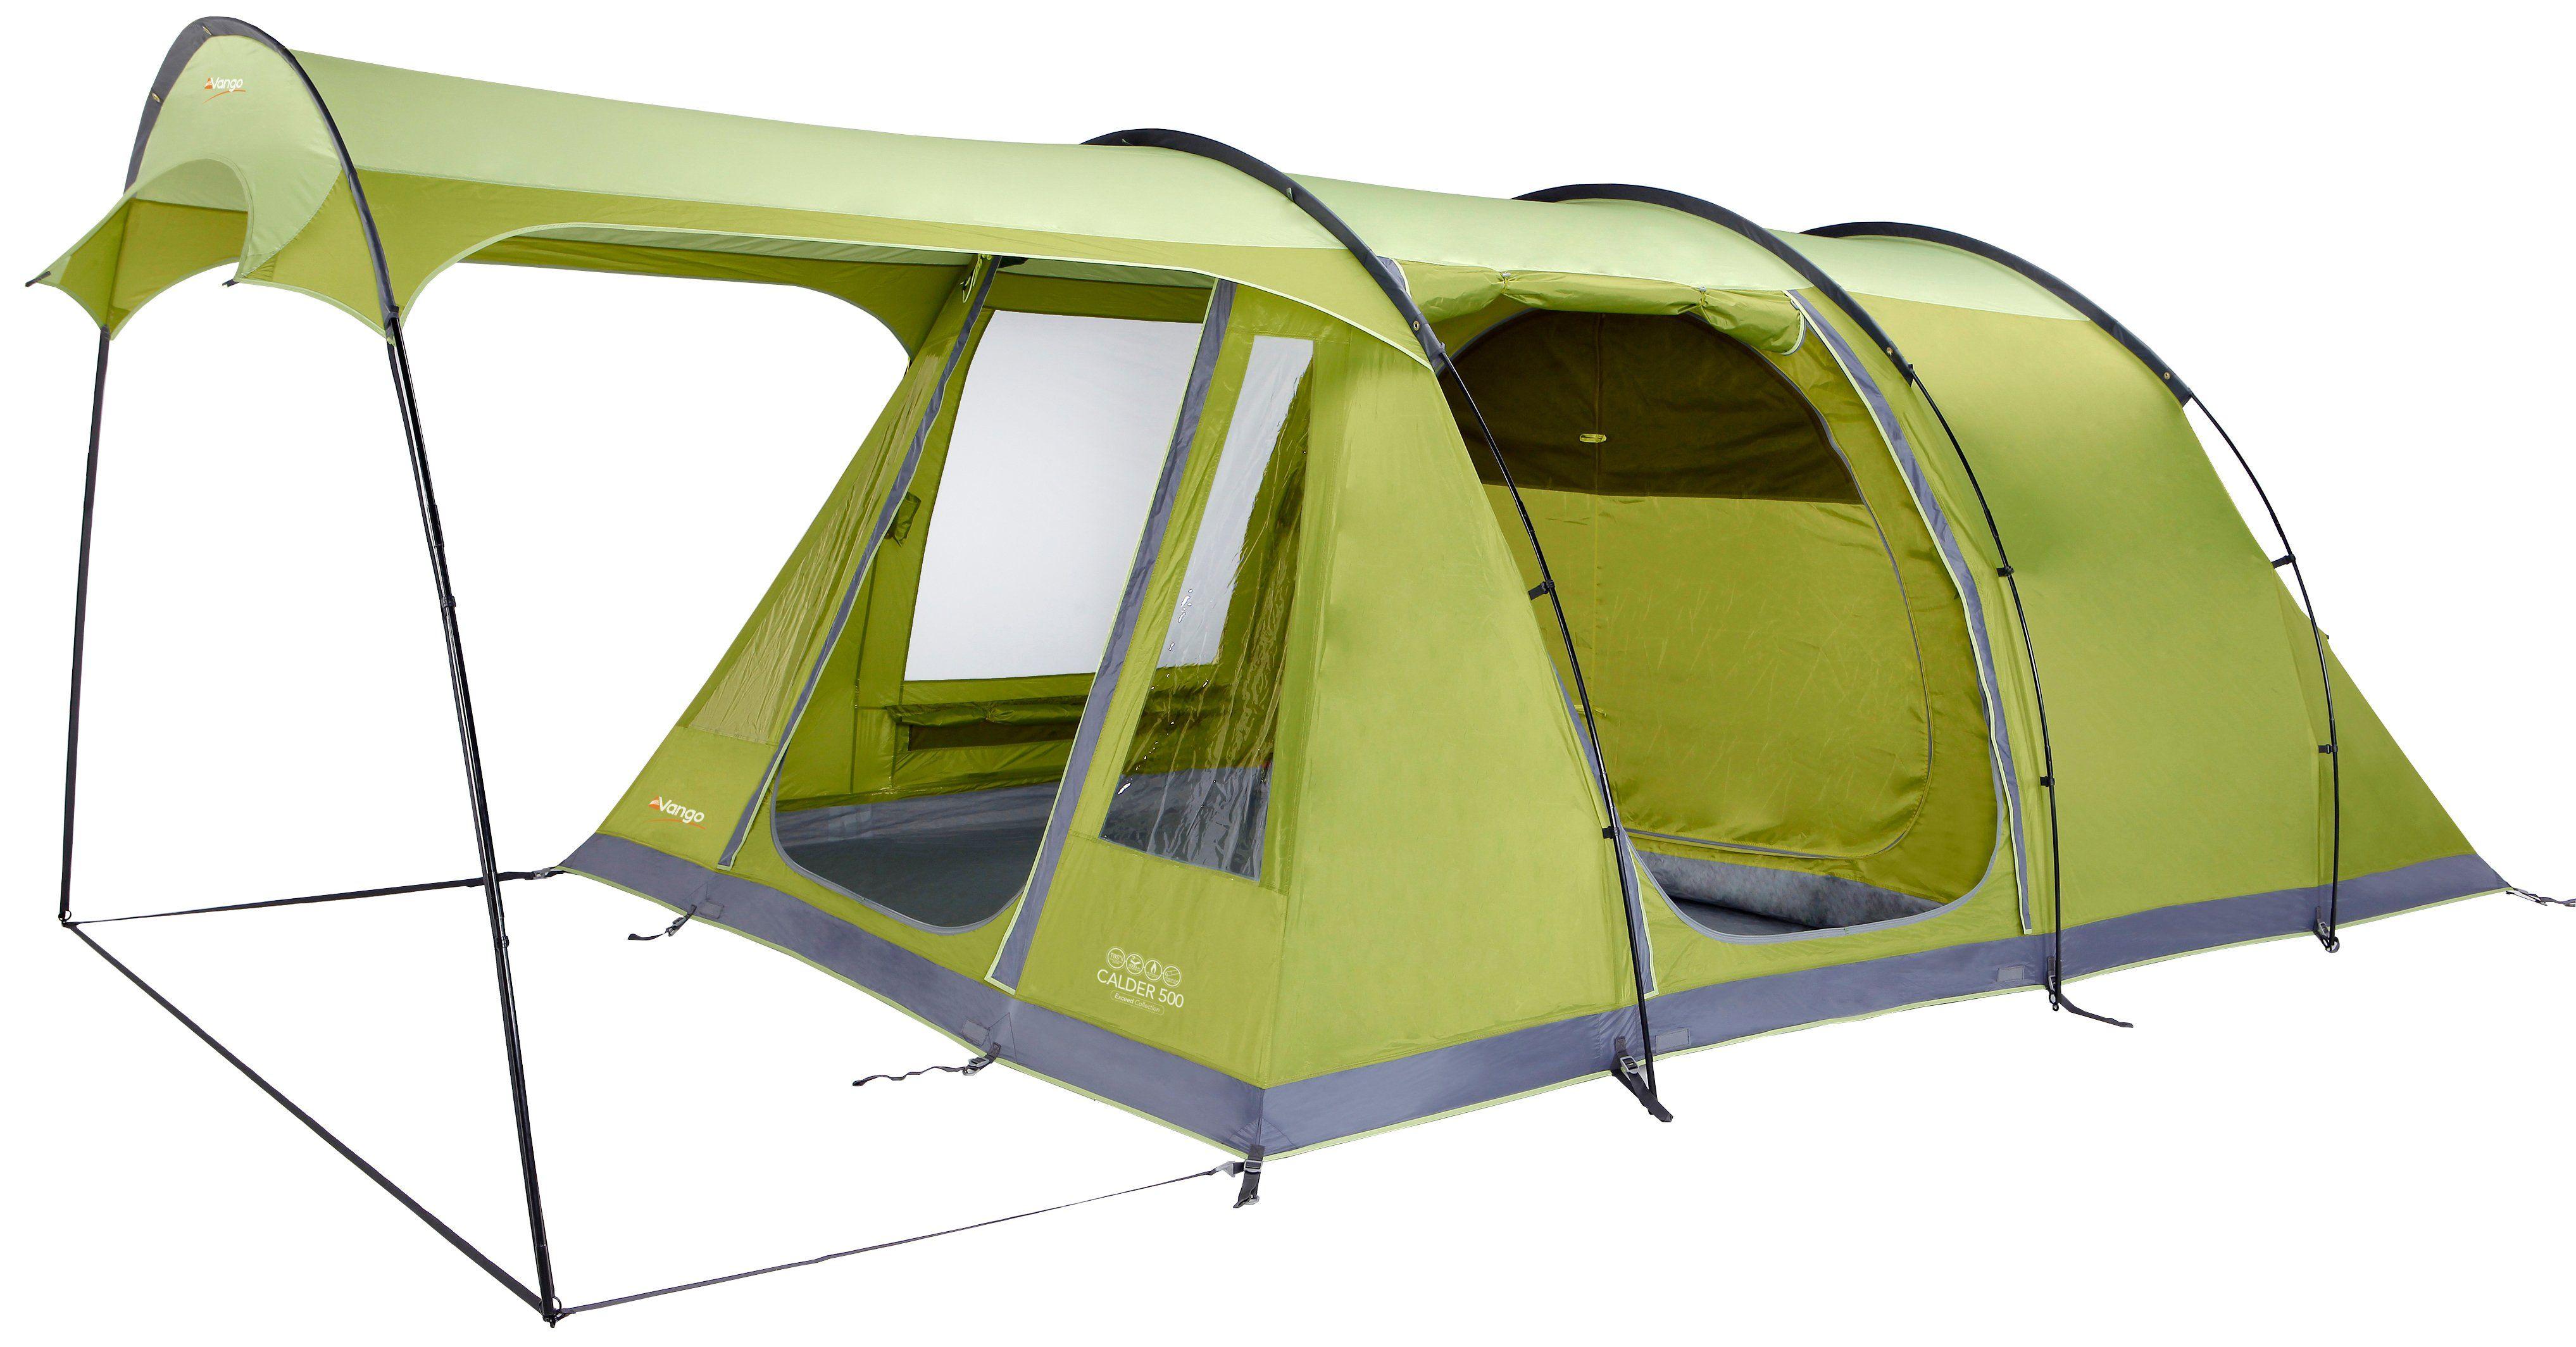 VANGO Calder 500 5 Person Tent